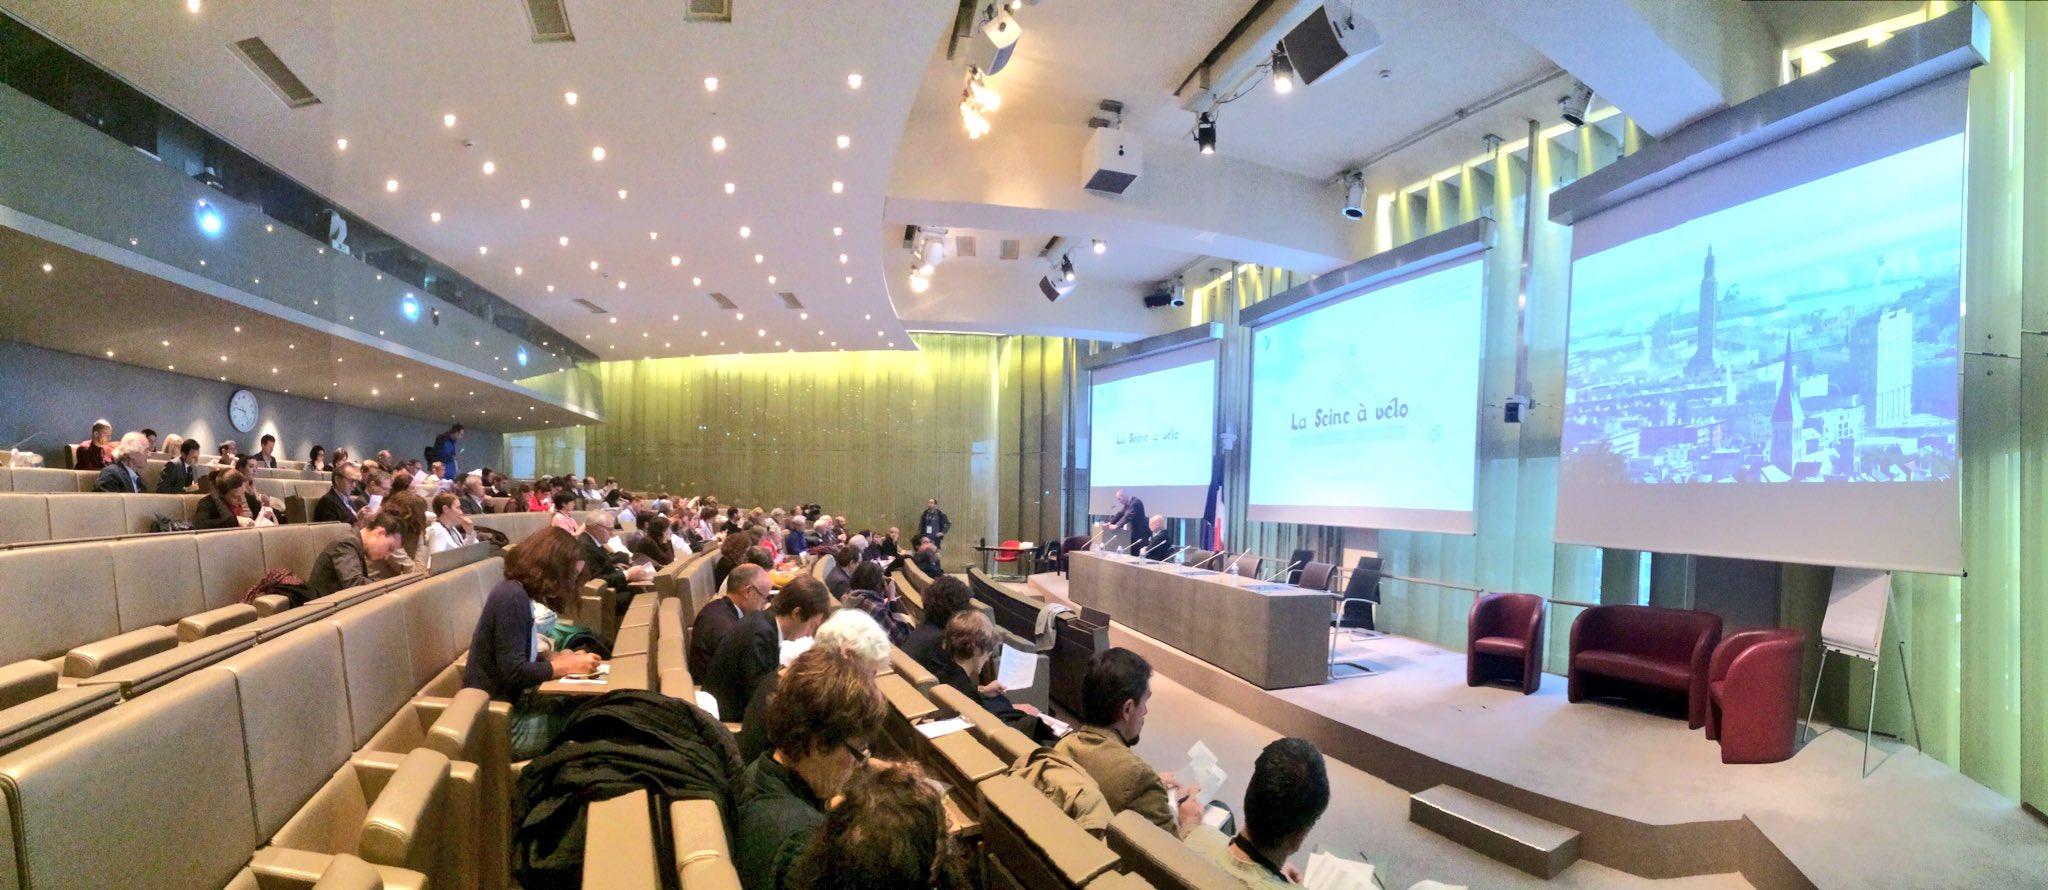 Près de 200 participants pour cette 2e édition des rencontres des agences d'urbanisme de la Vallée de la Seine #veloseine https://t.co/6gqSePkbzl